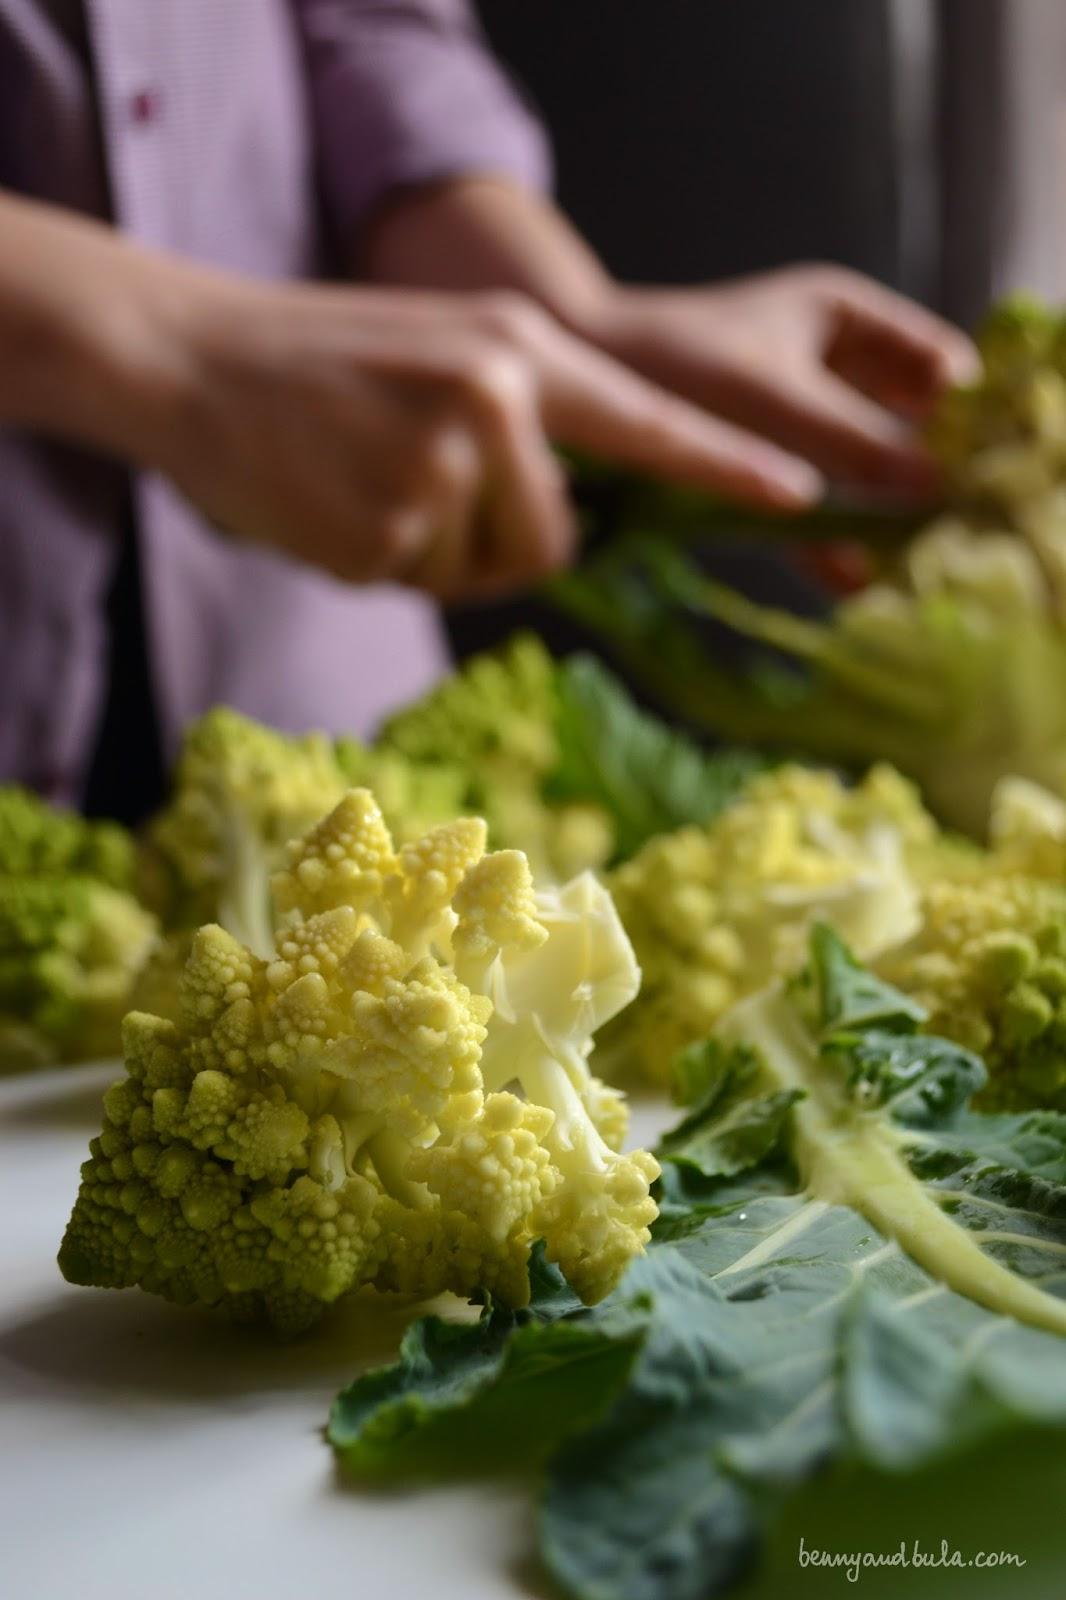 ricetta orecchiette broccolo romanesco e vongole/ roman broccolo and clams pasta recipe